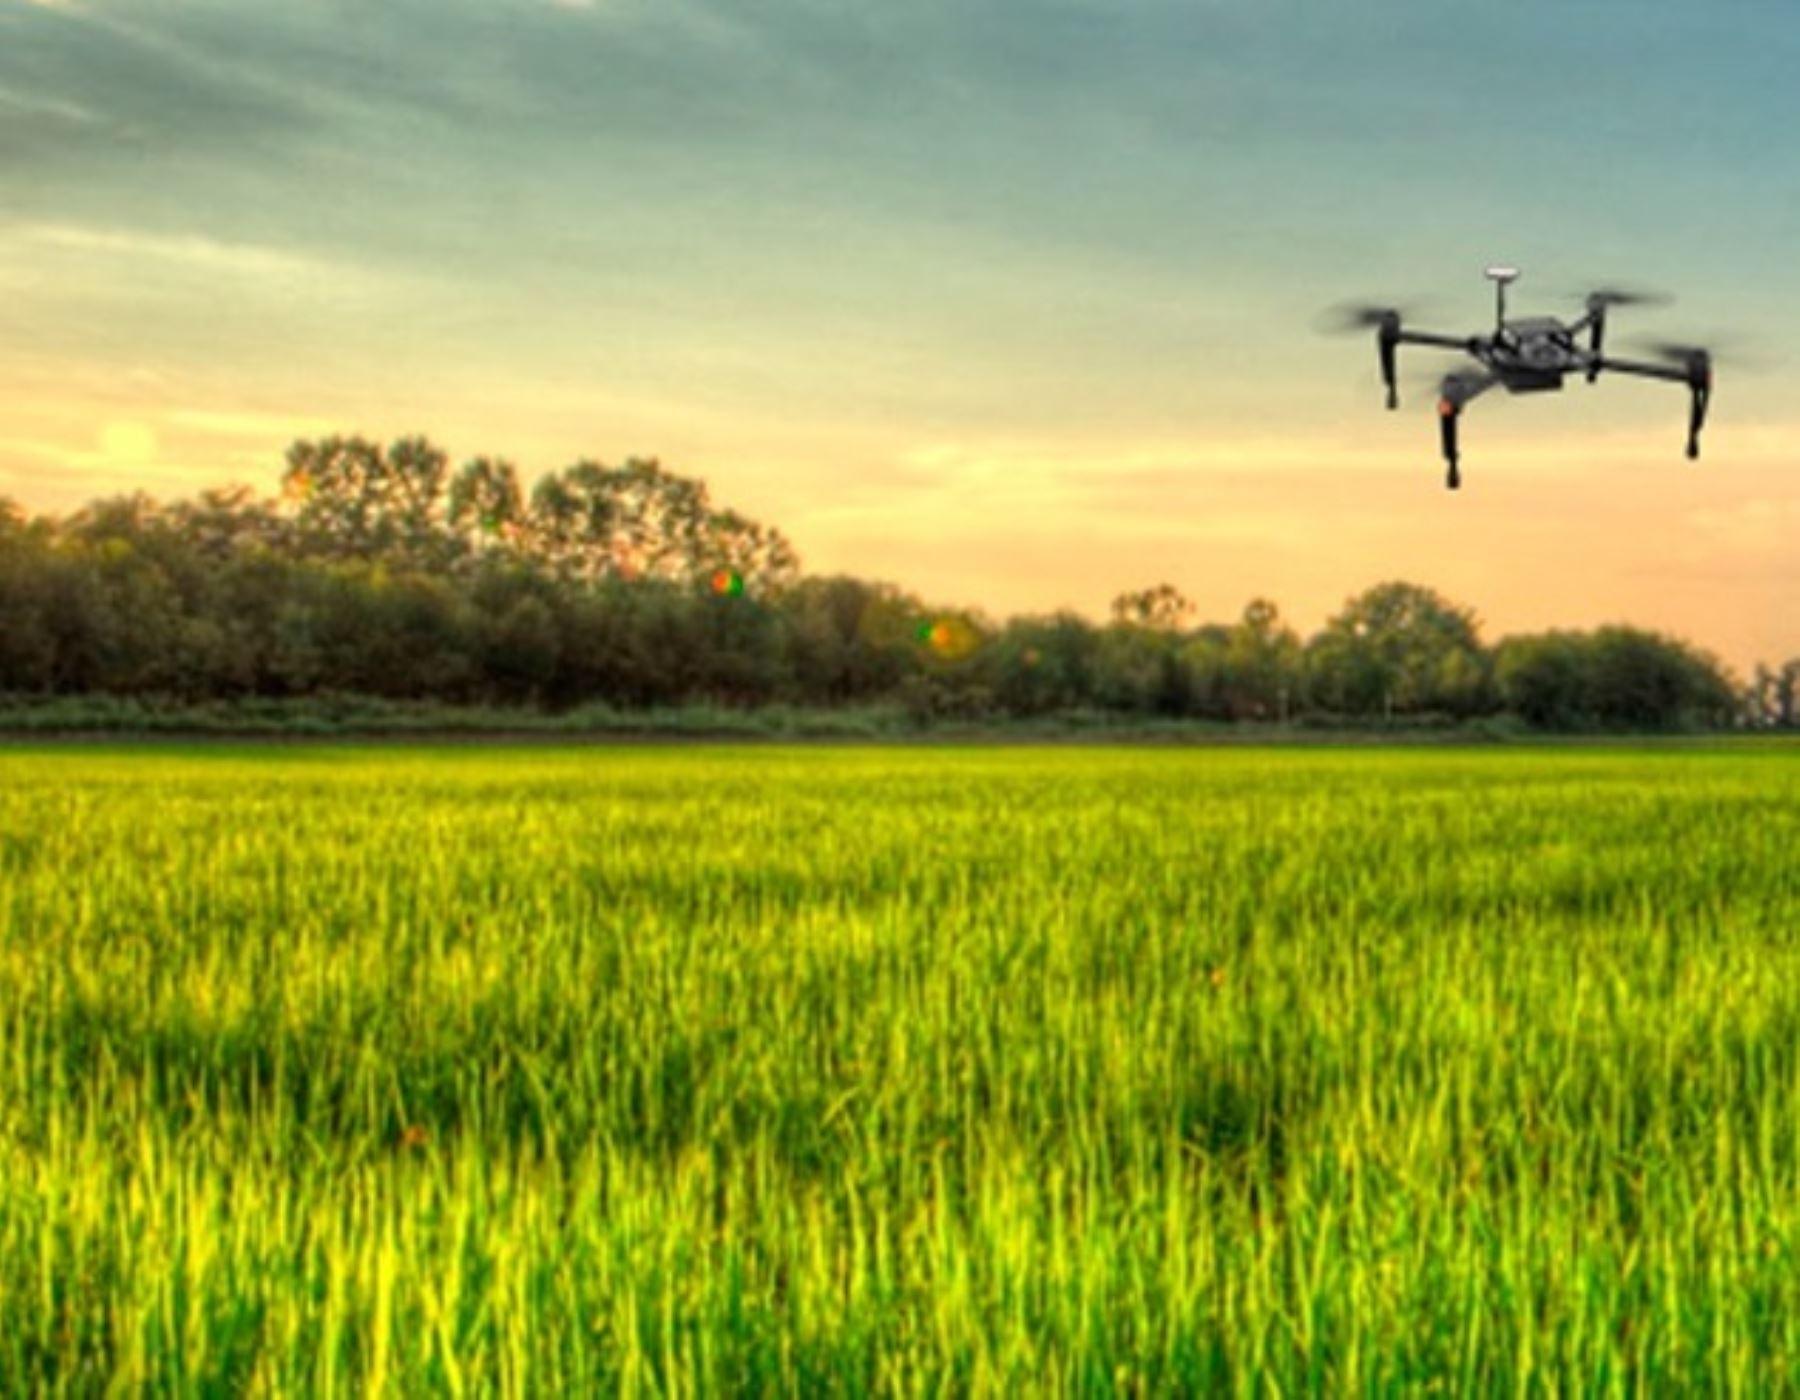 Lambayeque apuesta por la tecnología de punta para impulsan producción agrícola. Un proyecto, que desarrolla la UNALM, propone el uso de drones y satélites para optimizar el cultivo de arrozales. ANDINA/Difusión